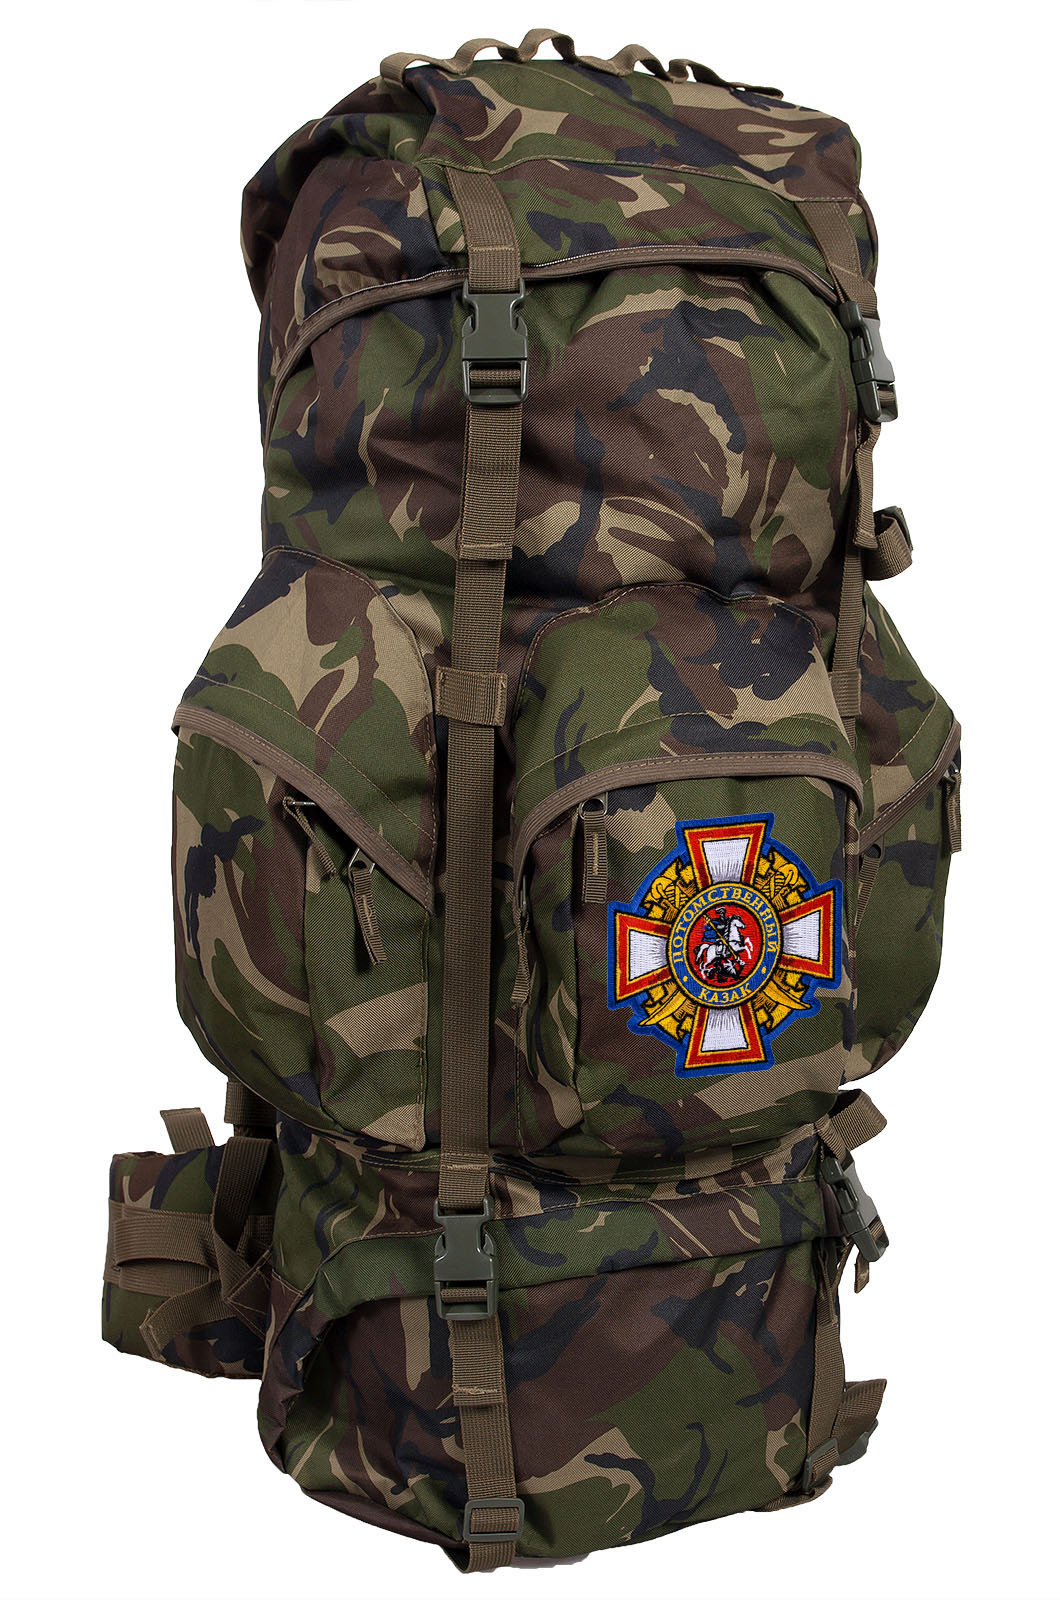 Камуфляжный вместительный рюкзак с нашивкой Потомственный Казак - заказать онлайн